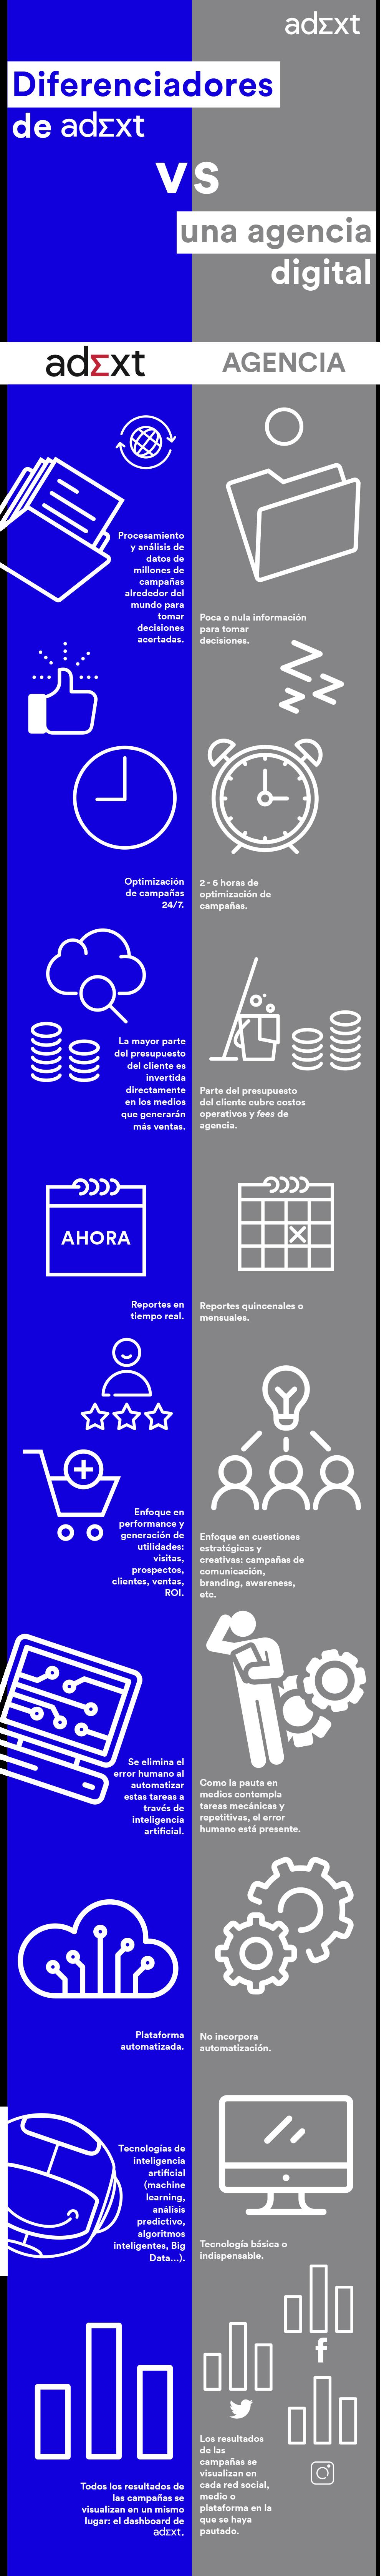 DIFERENCIADORES DE ADEXT VS UNA AGENCIADIGITAL-1.png